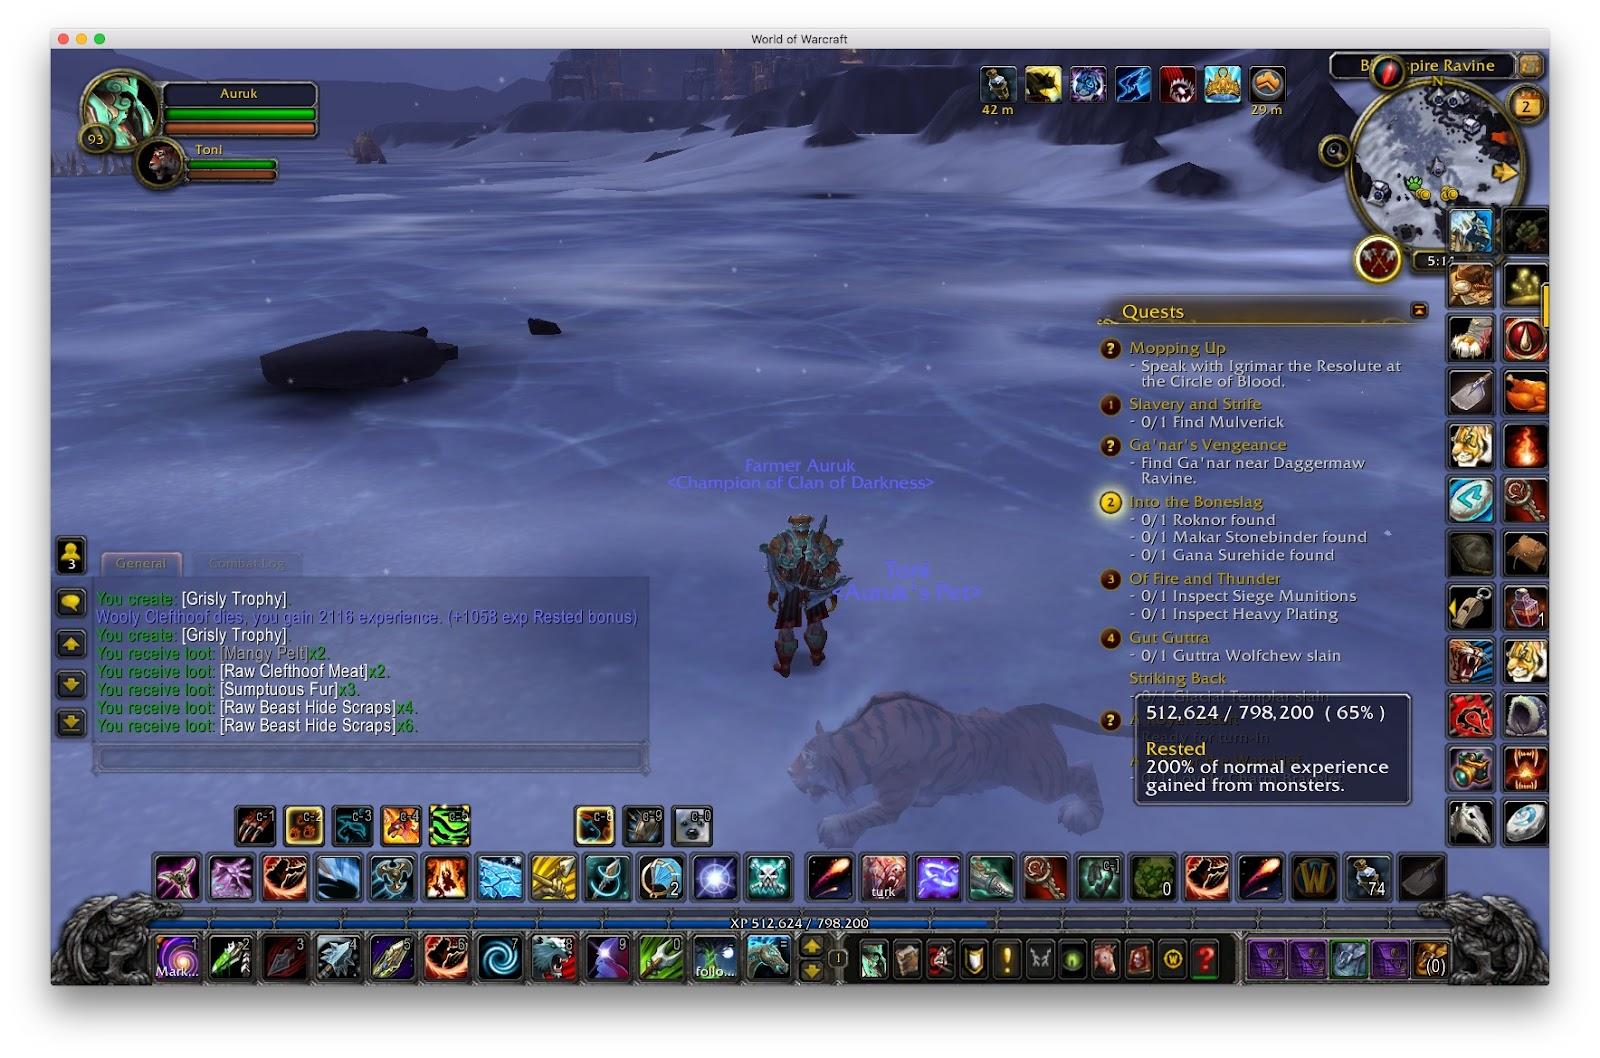 Screenshot 2016-07-02 17.14.39.jpg